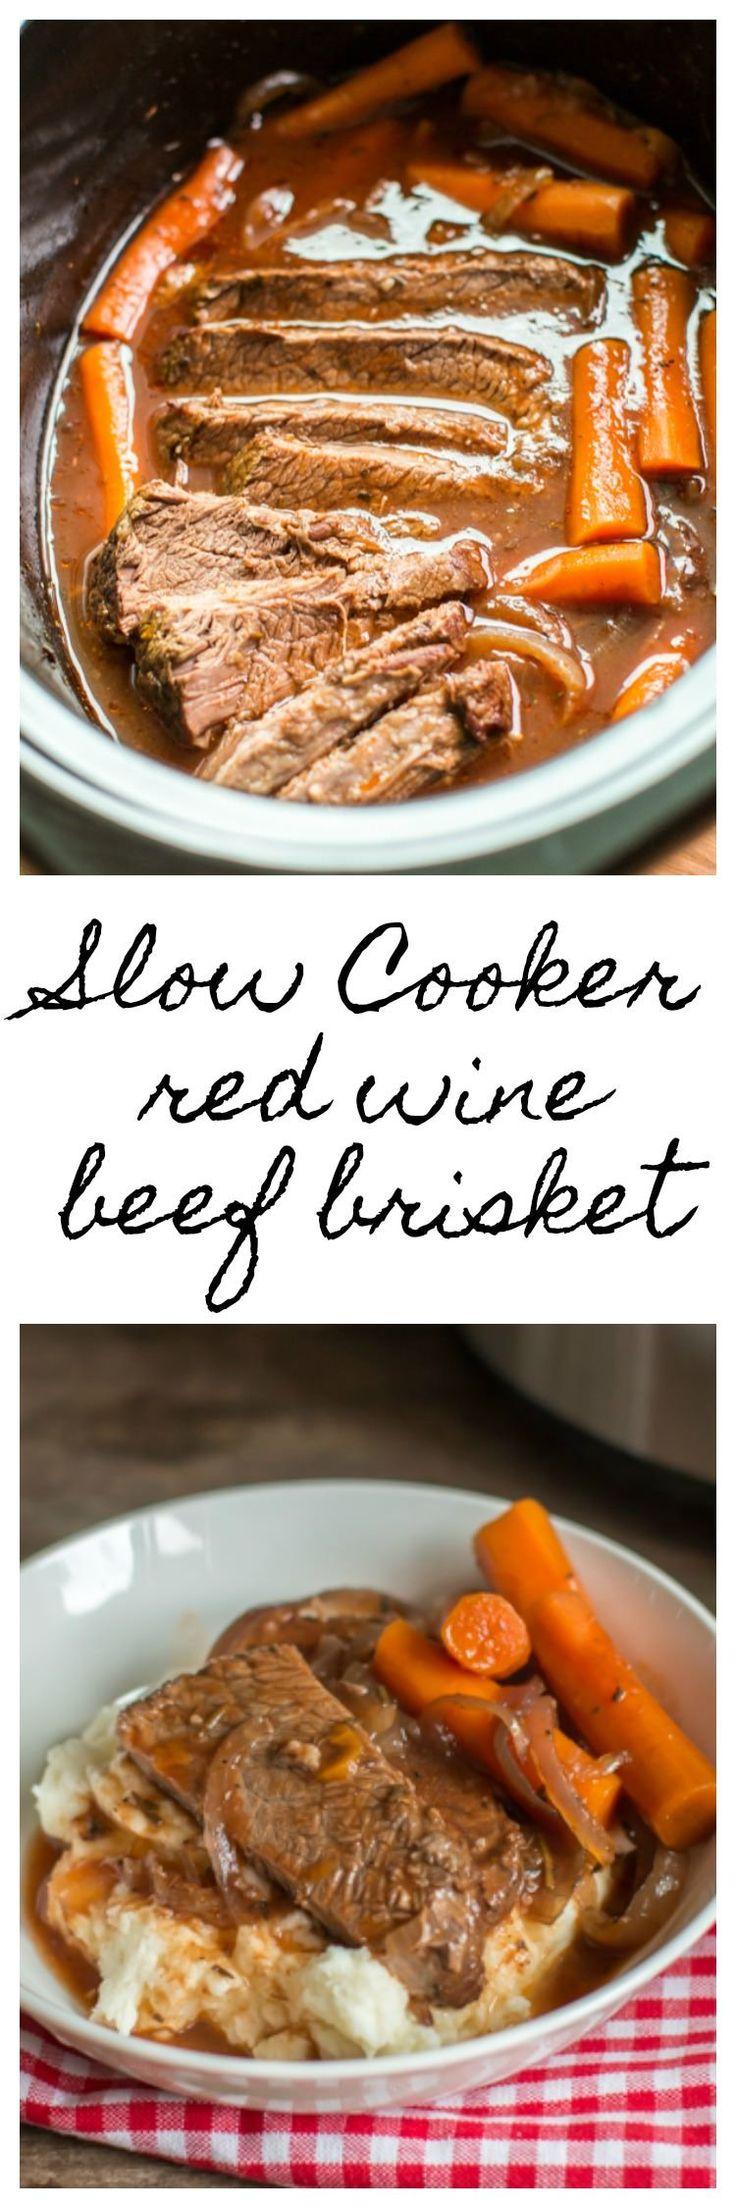 Slow Cooker Red Wine Beef Brisket